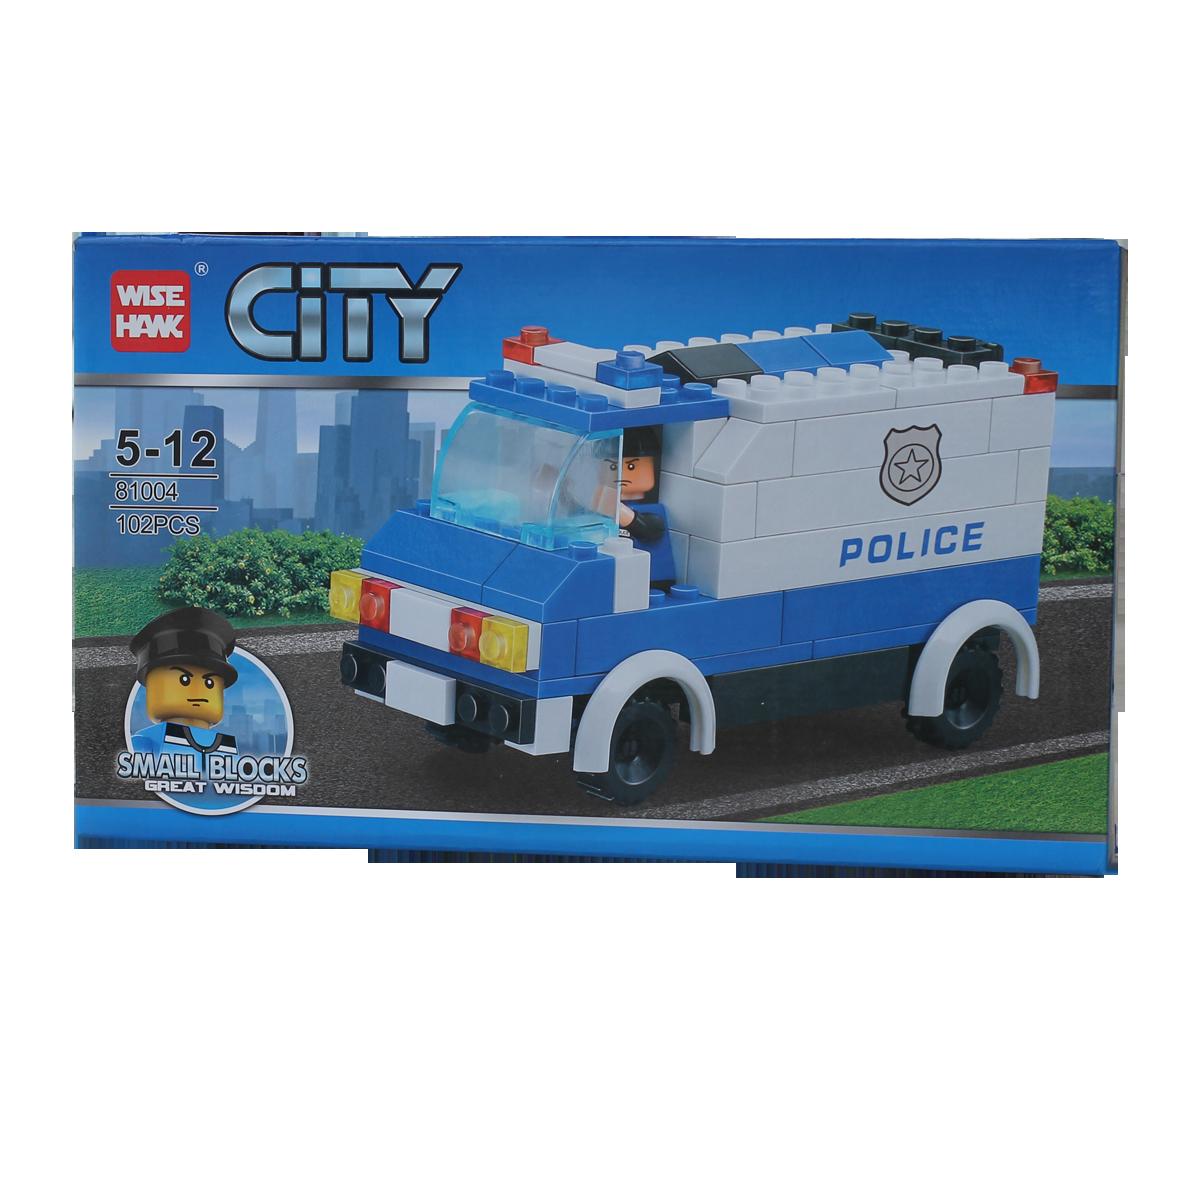 Đồ chơi xếp hình CITY 81004 - Xe cảnh sát